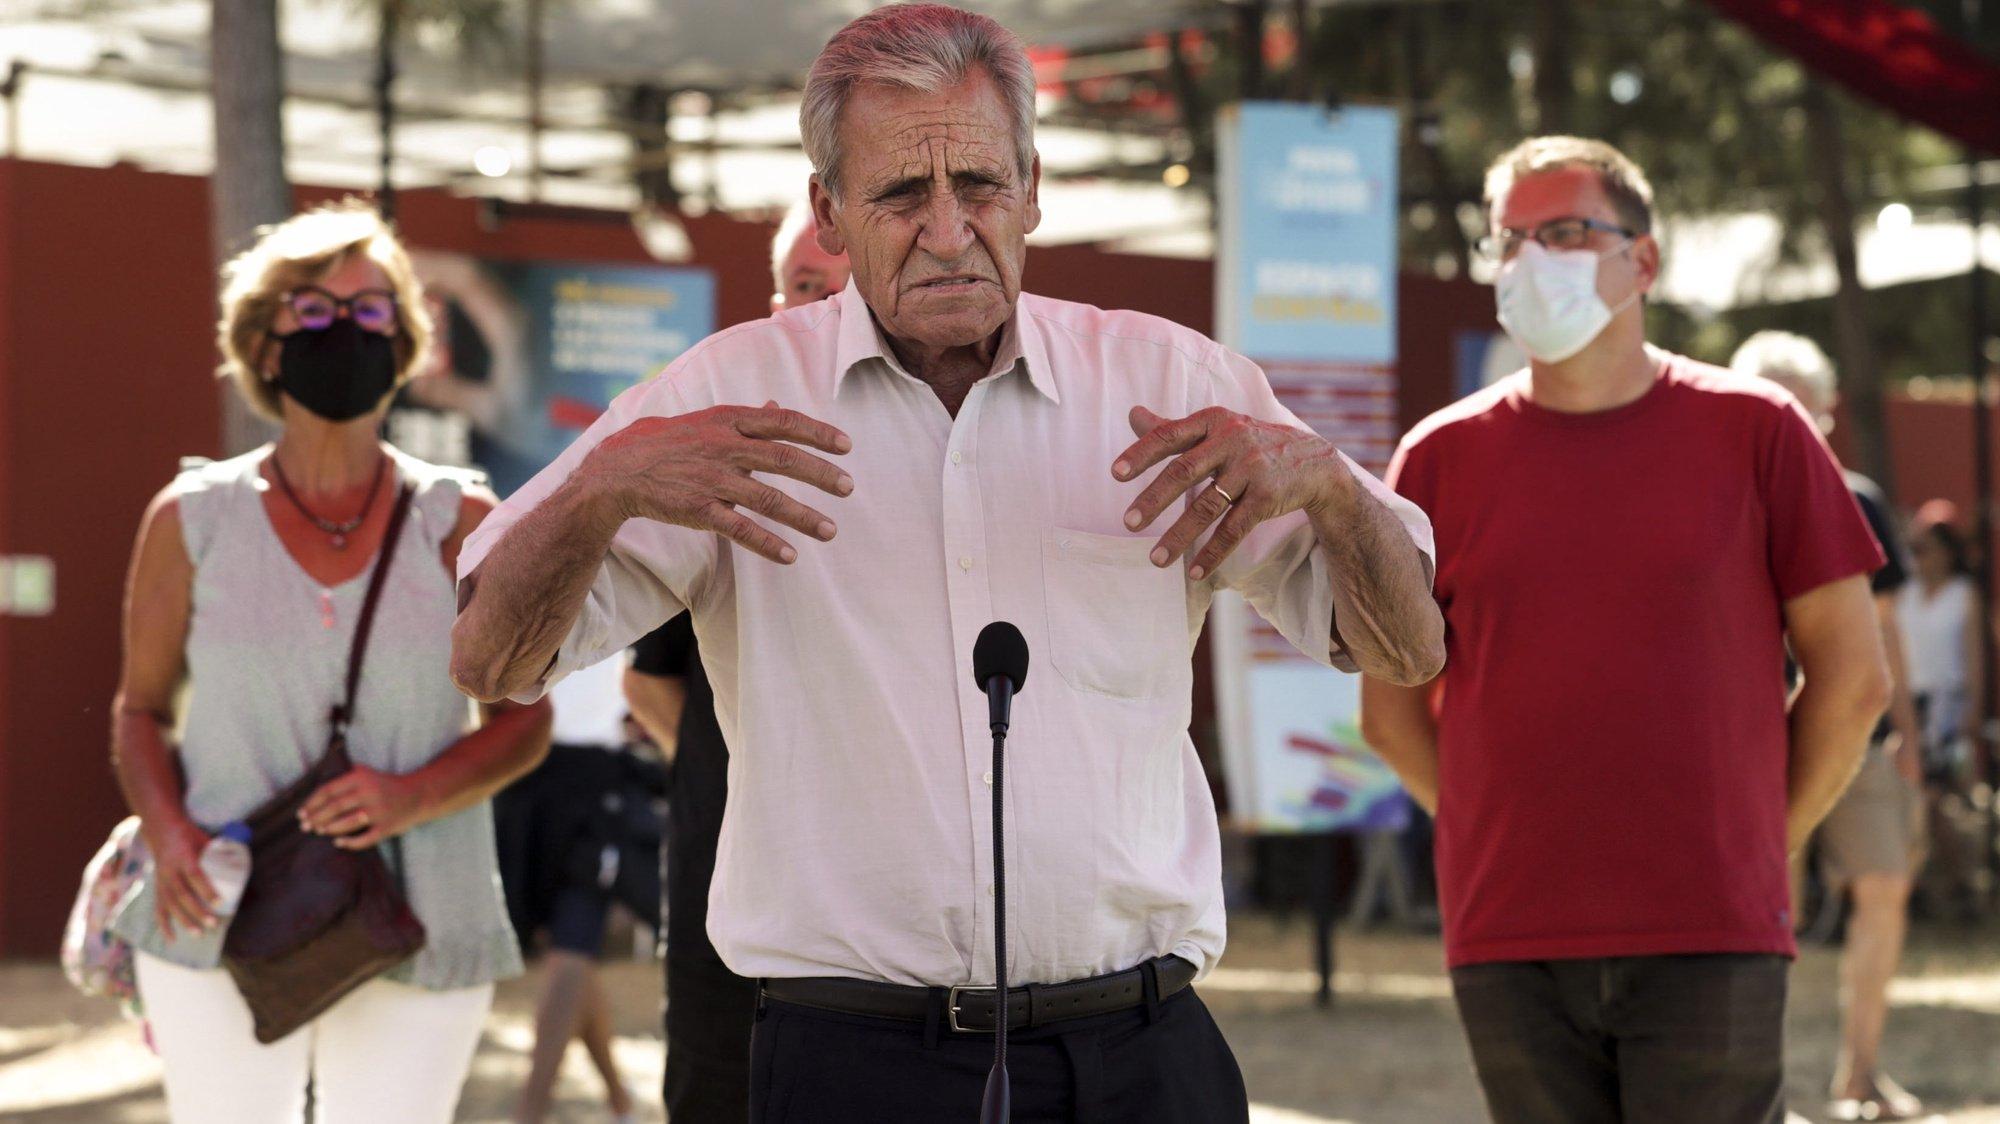 """O secretário-geral do Partido Comunista Português (PCP), Jerónimo de Sousa (C), fala aos jornalistas após ter visitado a exposição do Centenário do Partido Comunista Português – 1921-2021, no Espaço Central da 45.ª Festa do """"Avante!"""", evento político-cultural, organizado pelo Partido Comunista Português, na Quinta da Atalaia, no Seixal, 04 de setembro de 2021. TIAGO PETINGA/LUSA"""